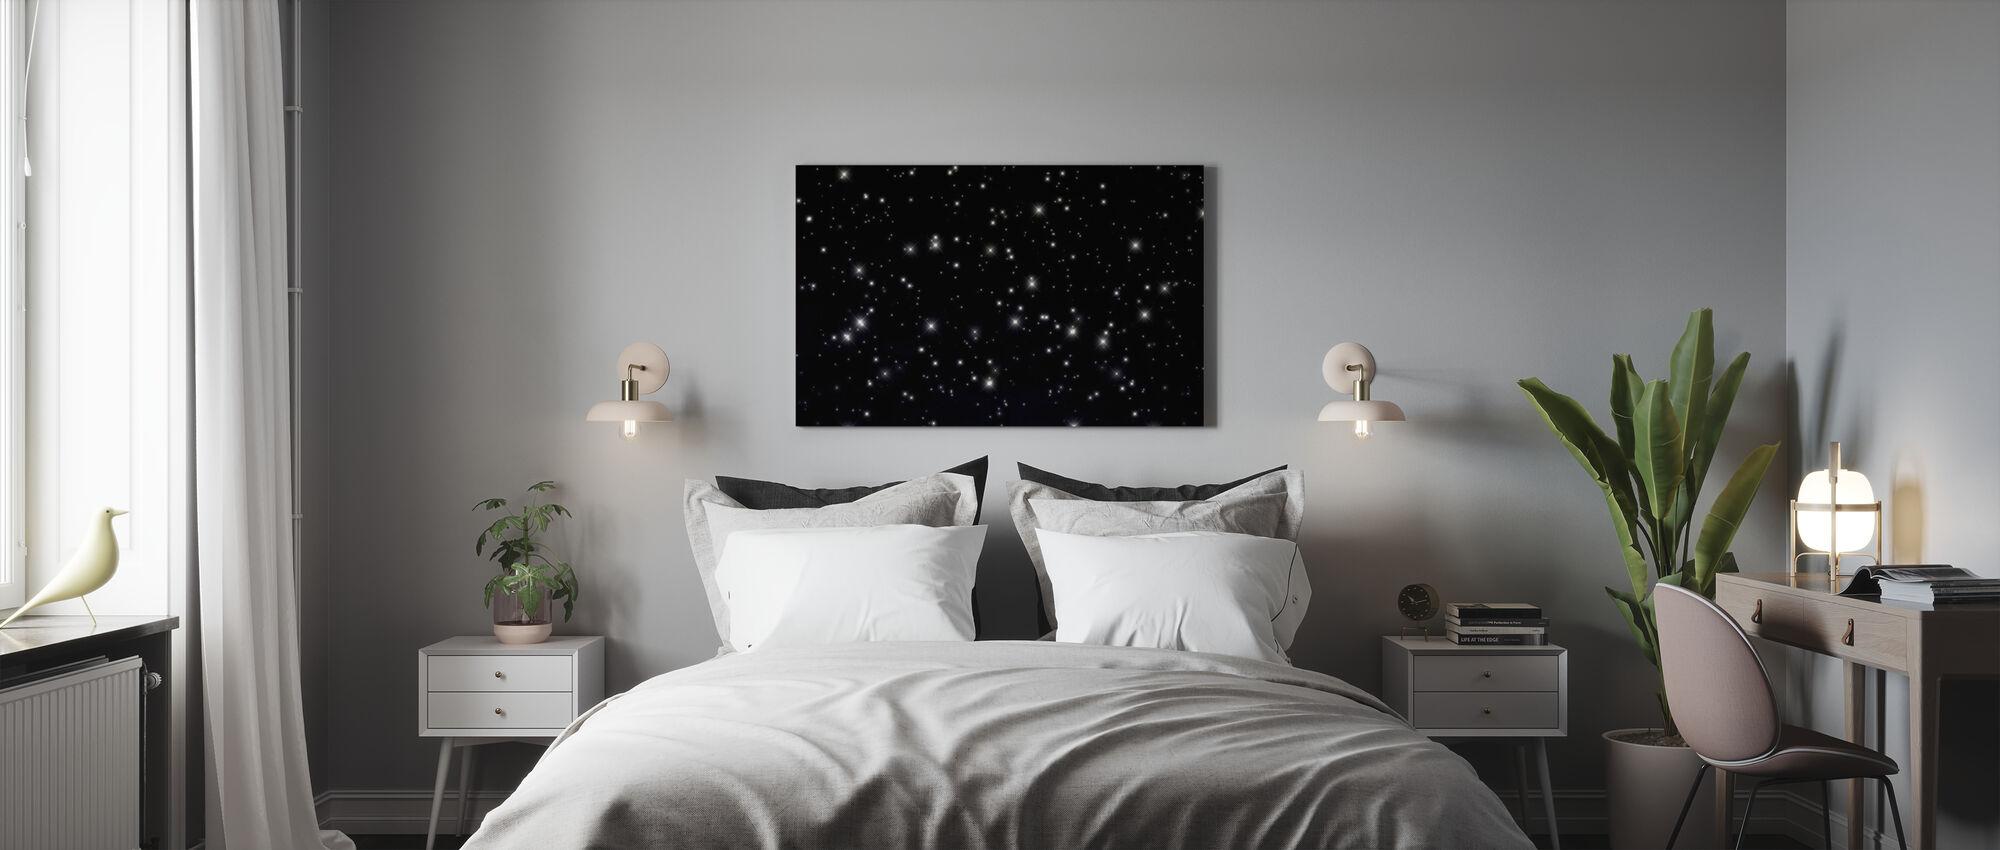 Stjernehimmel plass - Lerretsbilde - Soverom